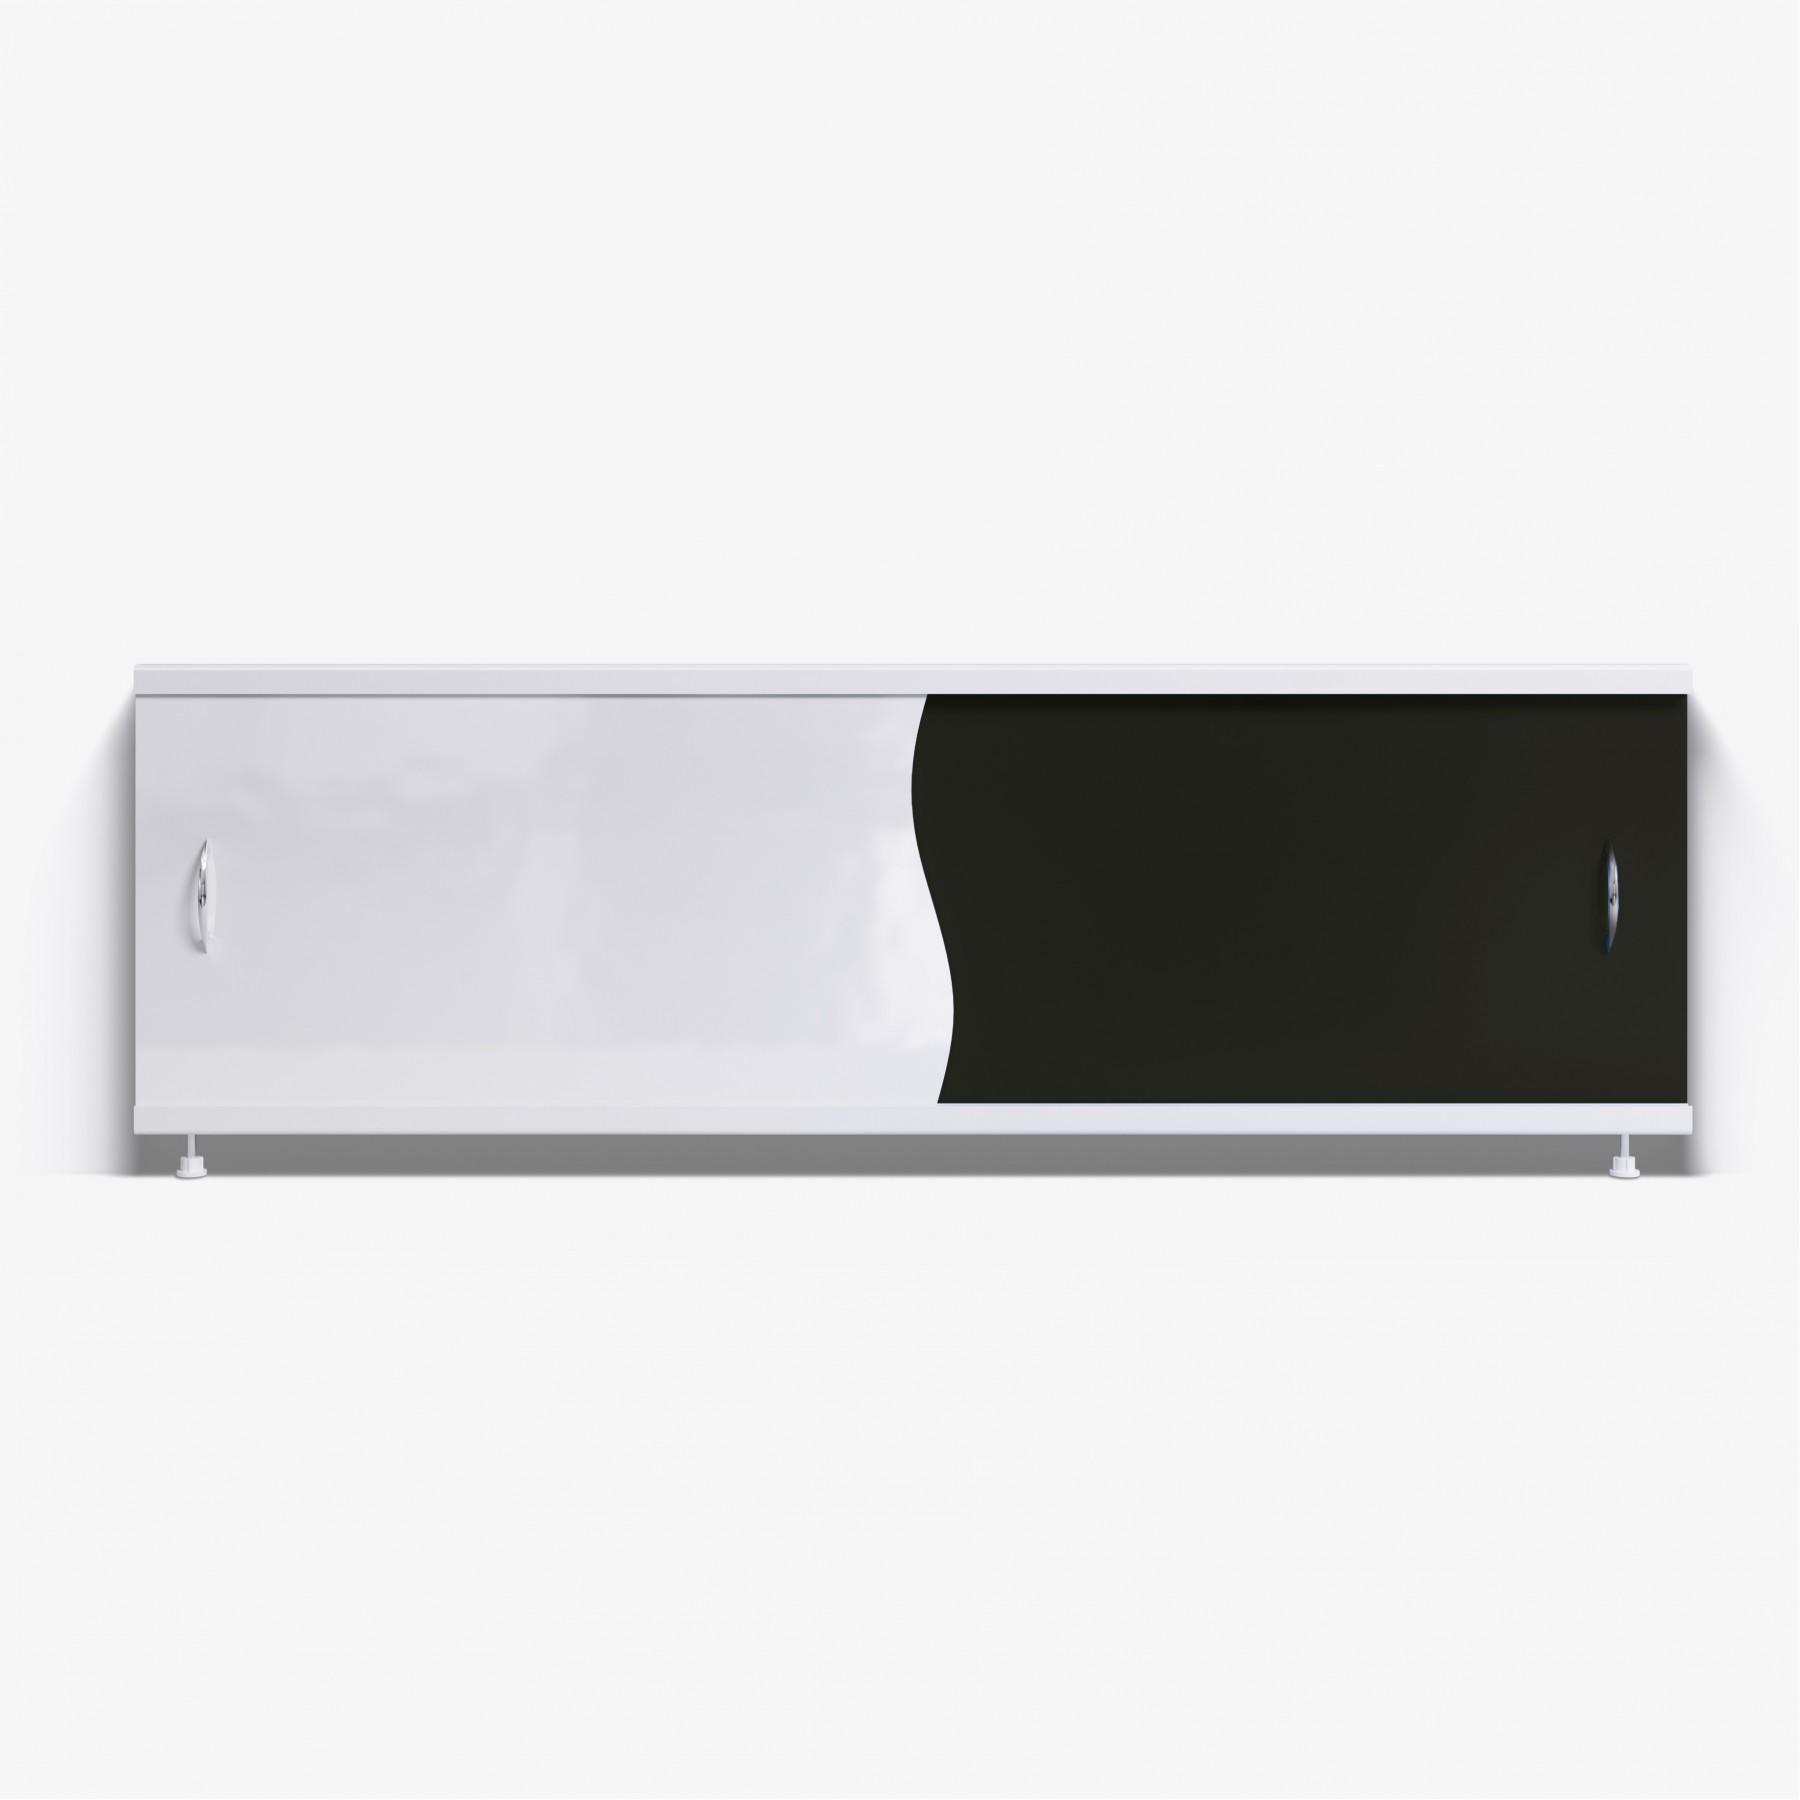 Экран под ванну Комби 150 черный